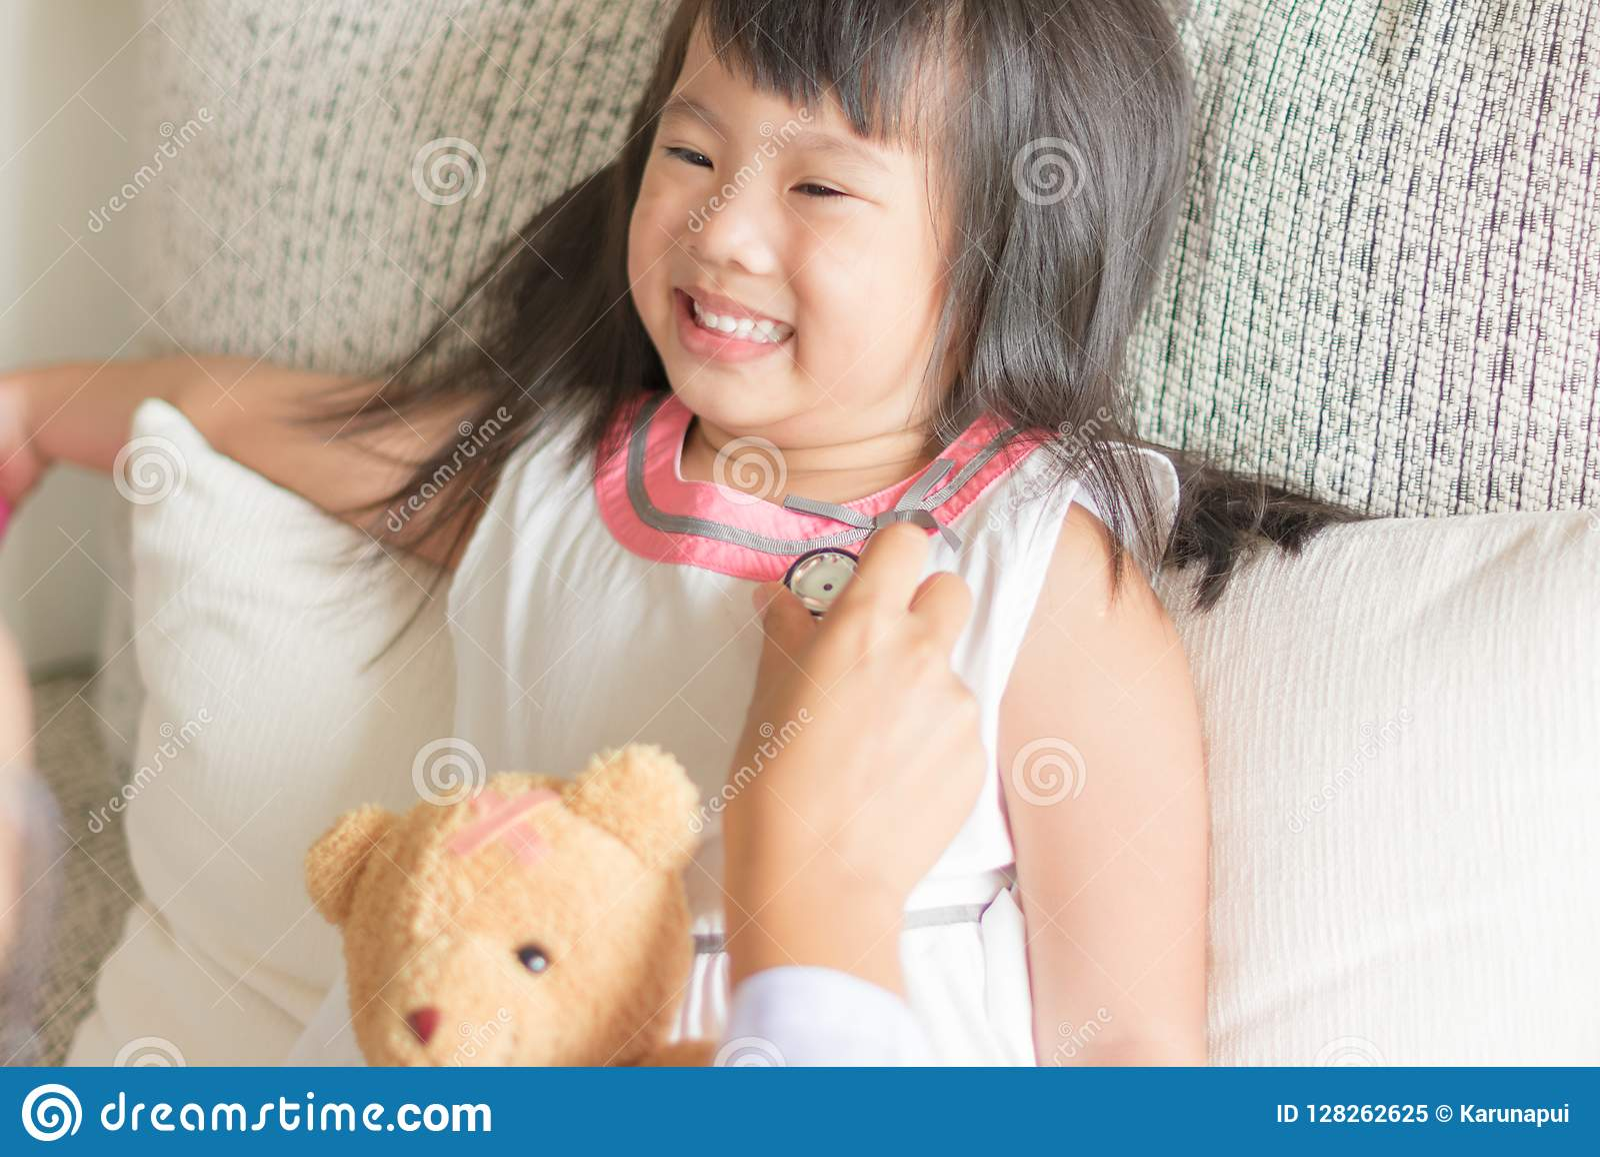 Asiatisches nettes kleines Mädchen ist lächelnd spielend und Doktor mit stetho